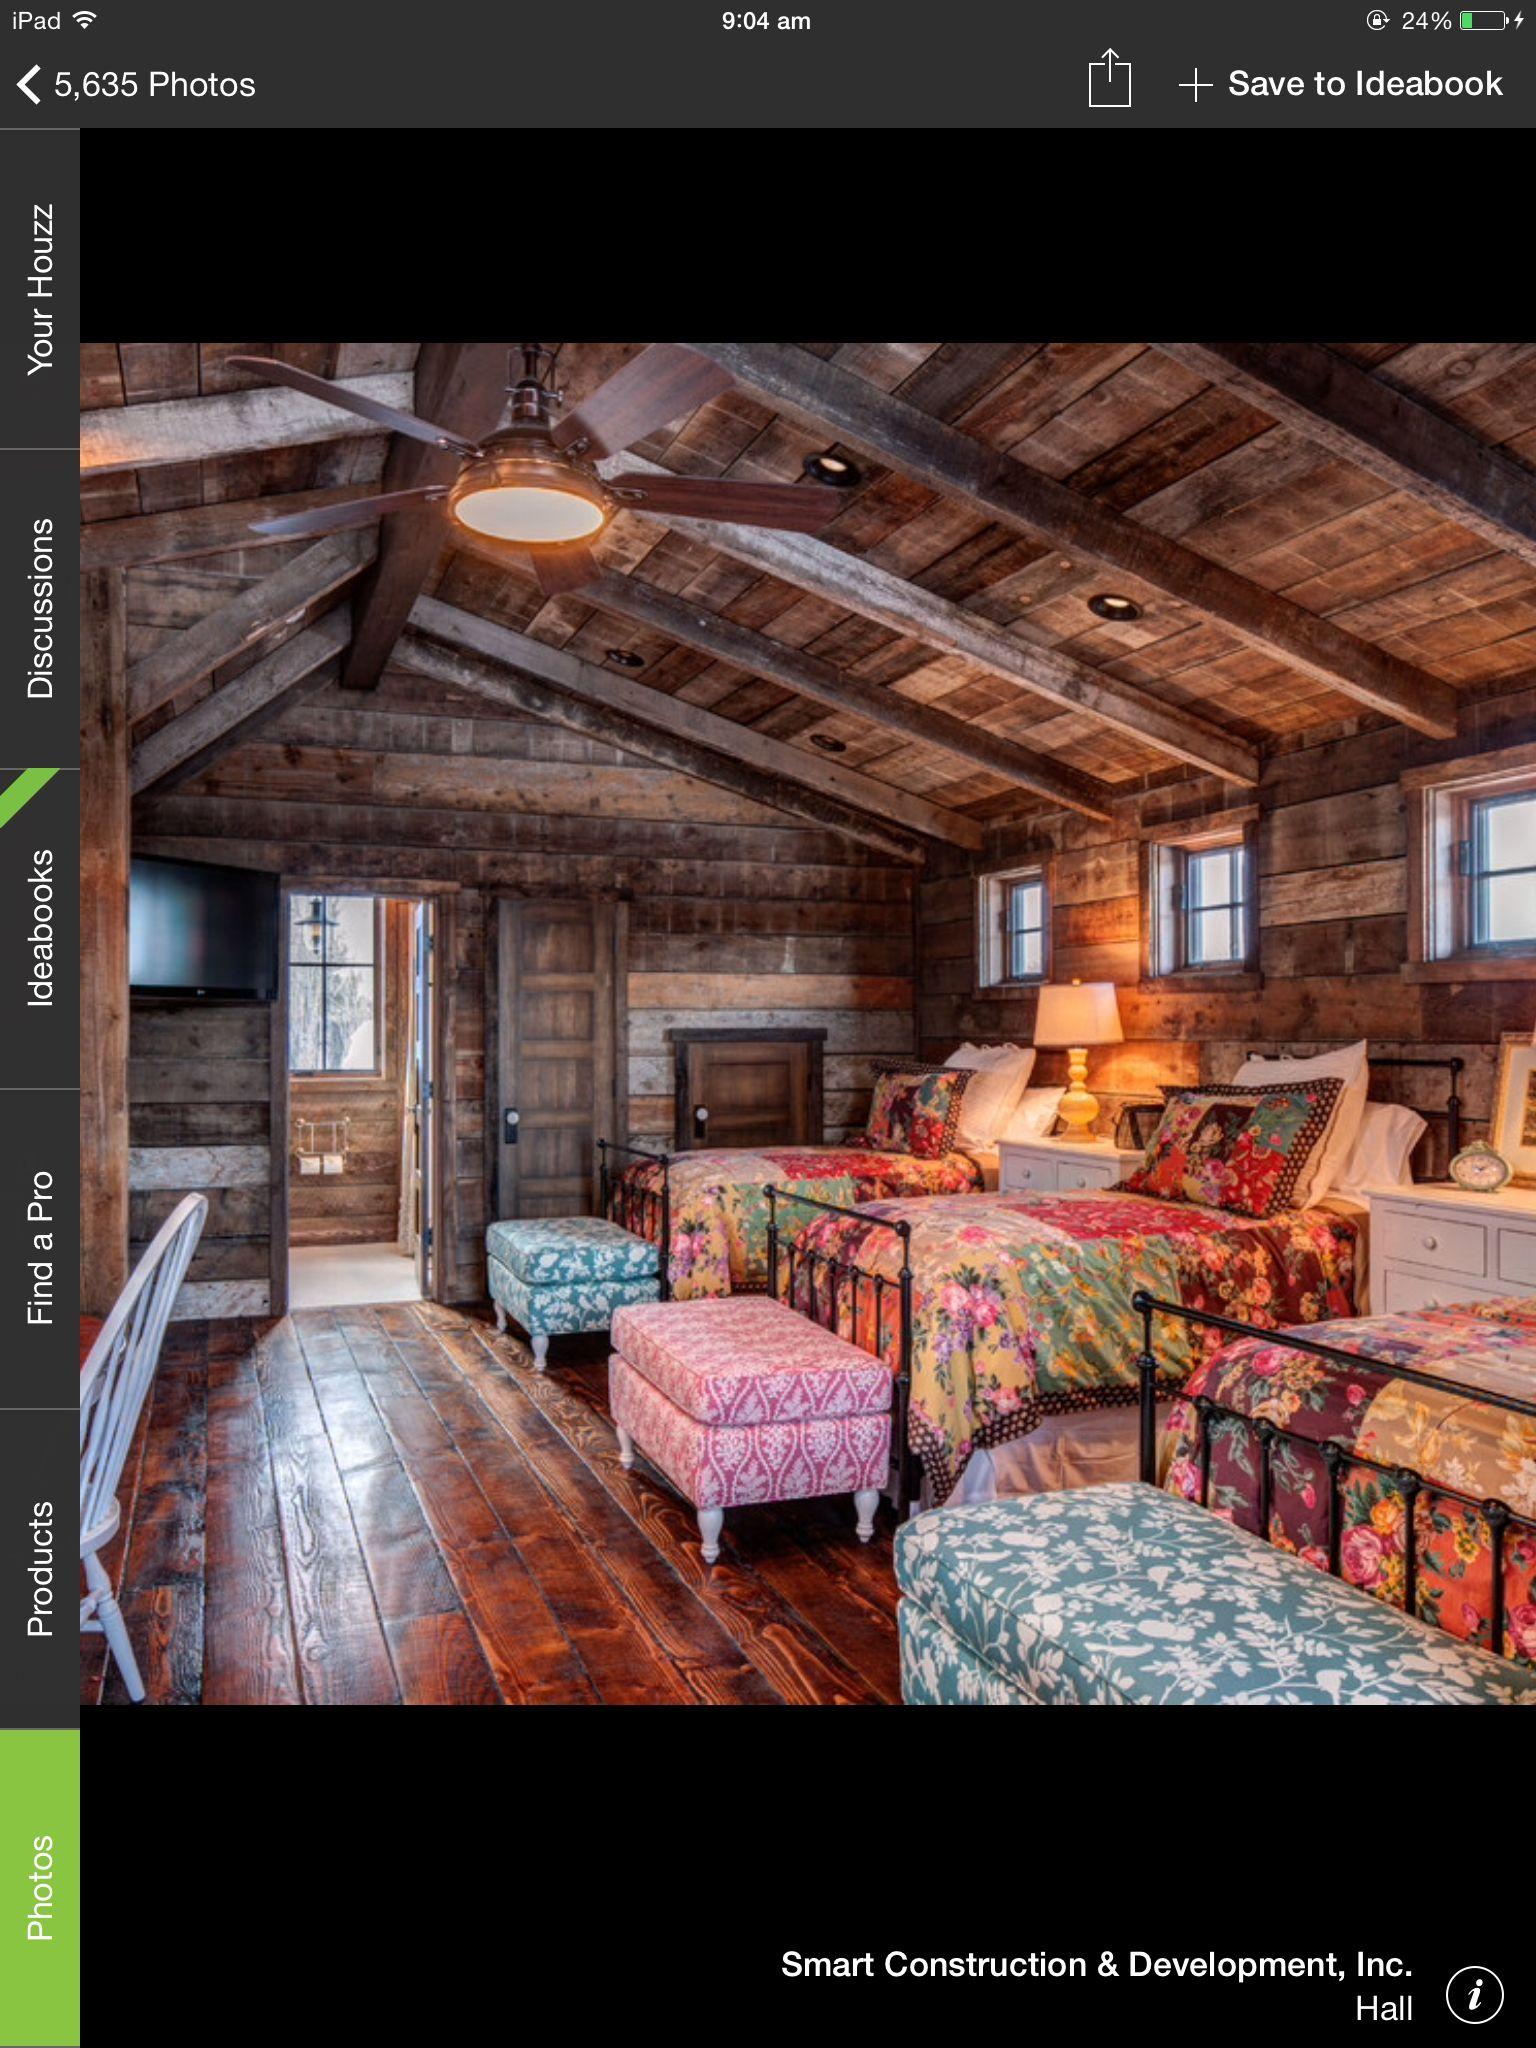 The perfect sleepover room